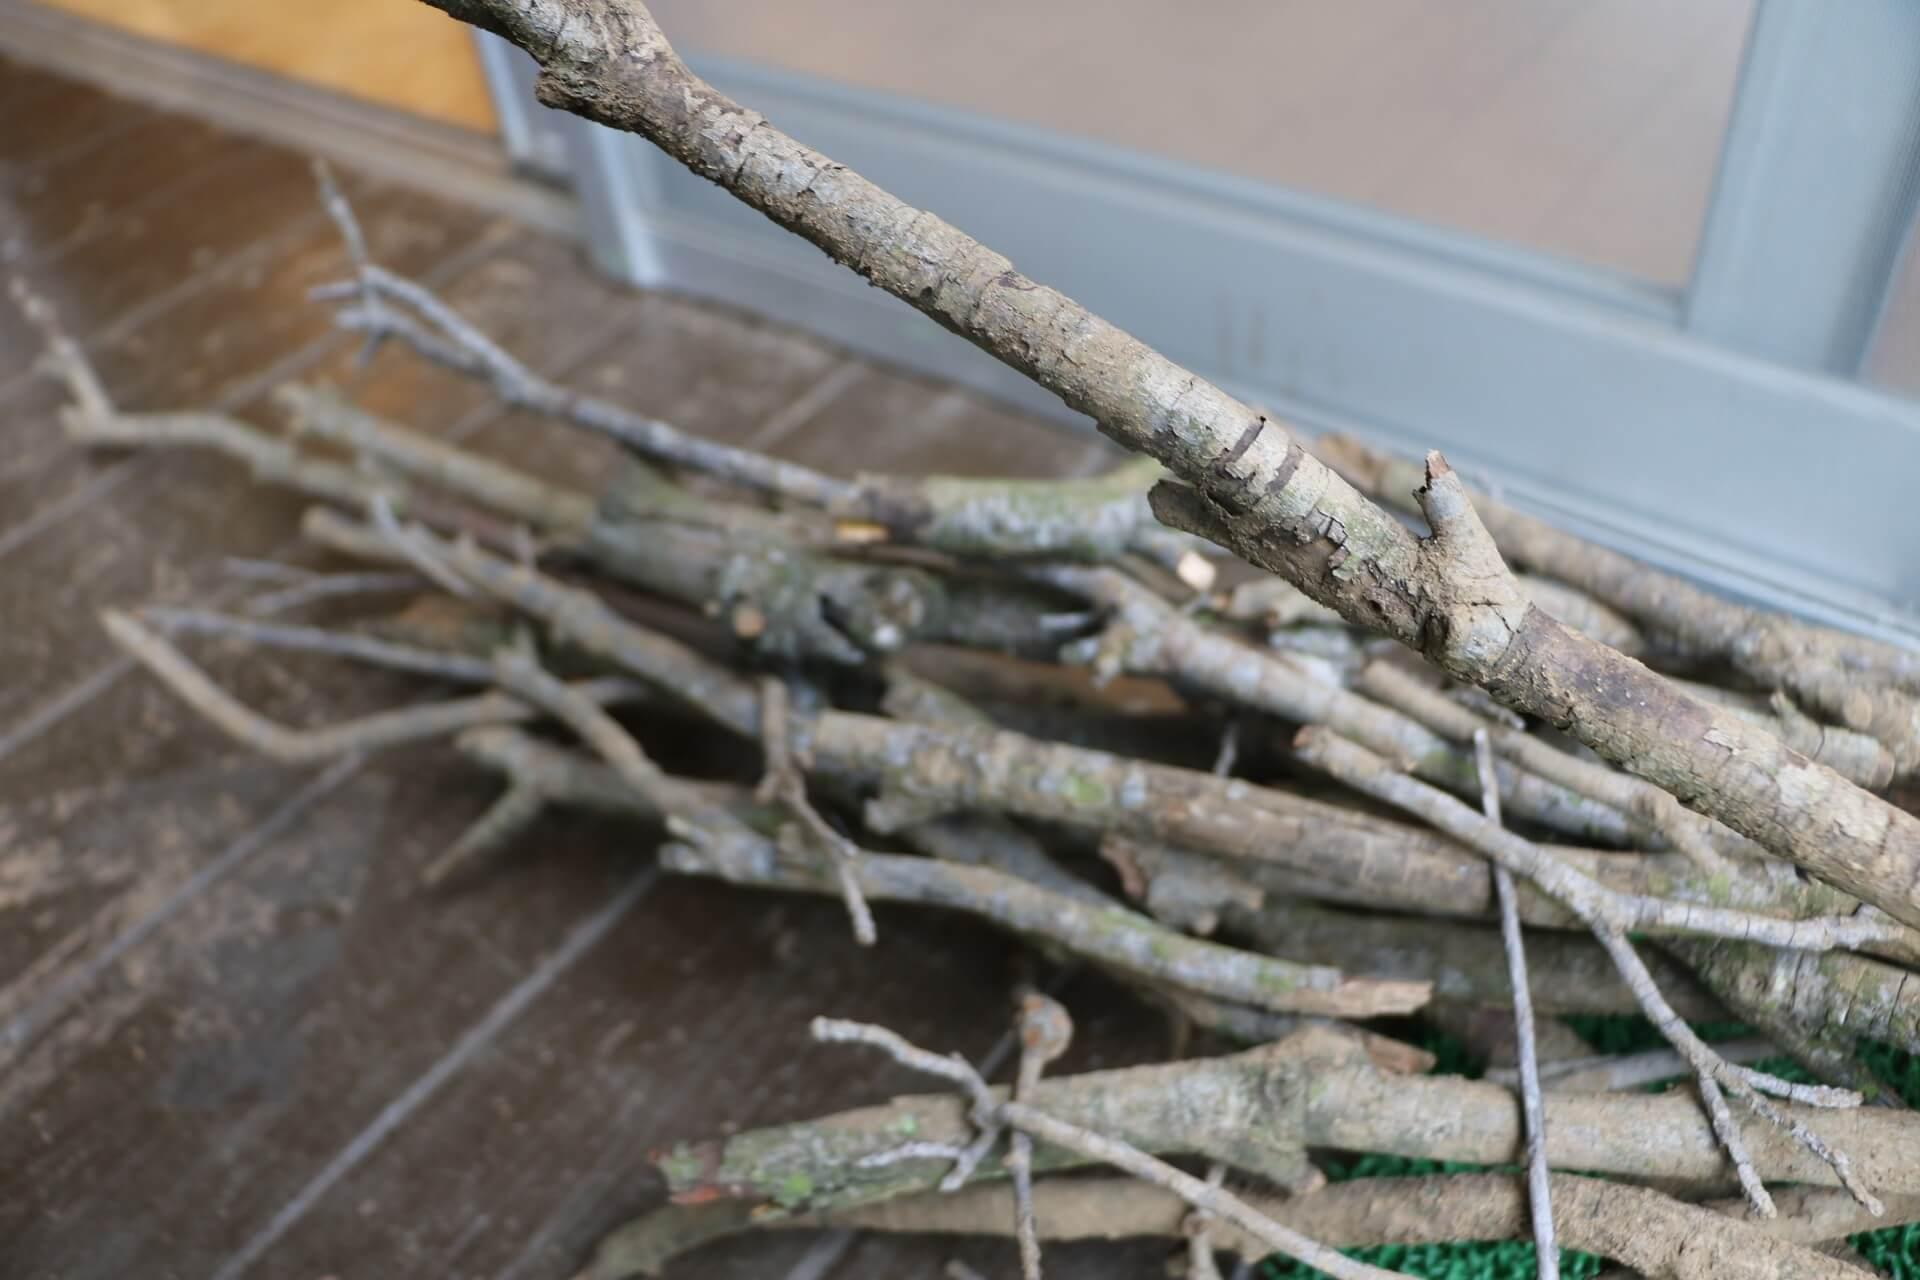 ヤマモモ、サクラなどたくさんの枝